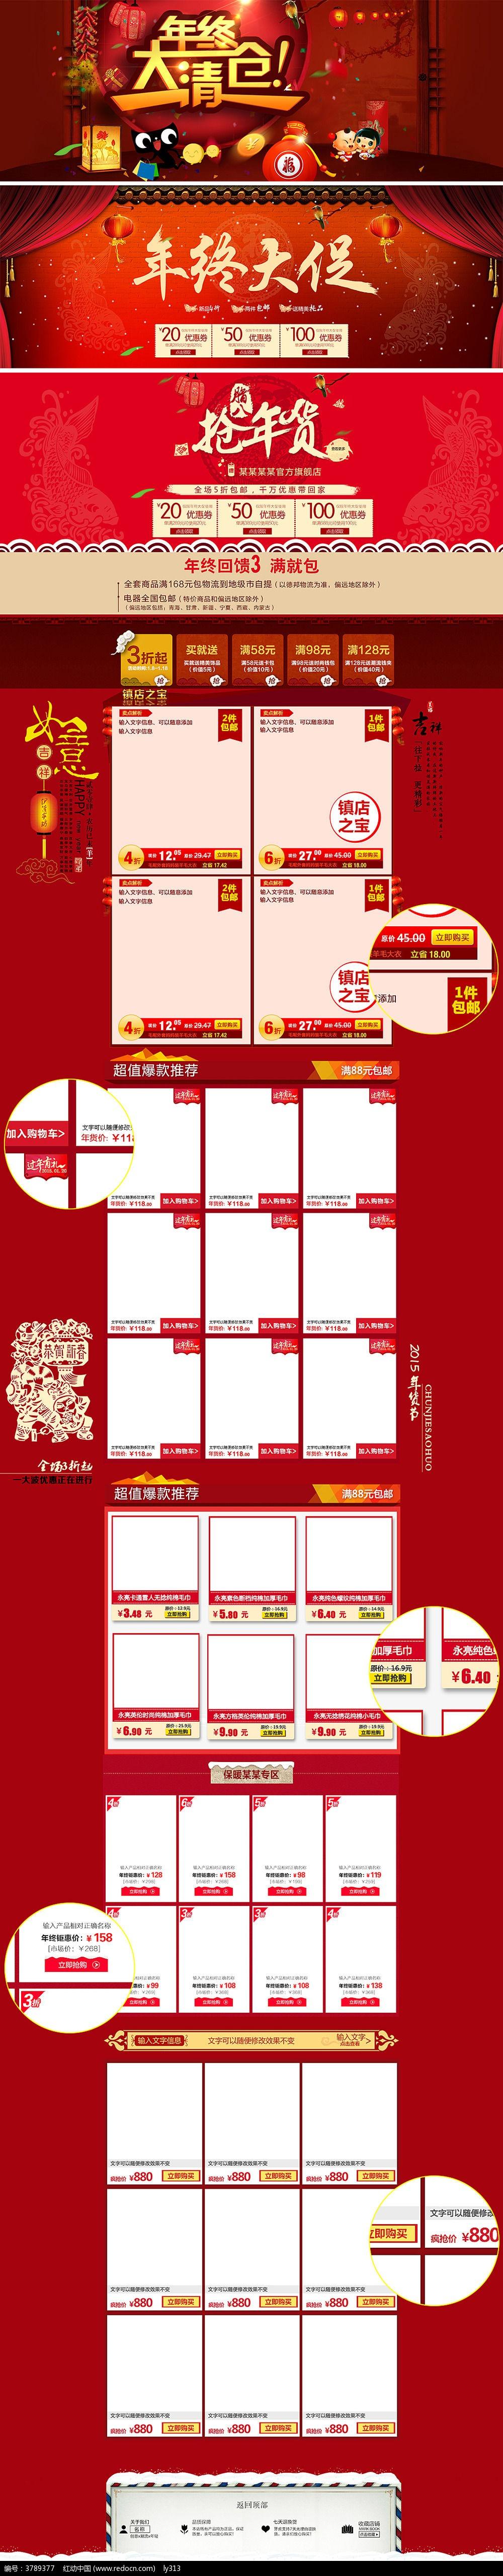 淘宝年终大促活动页面设计模板